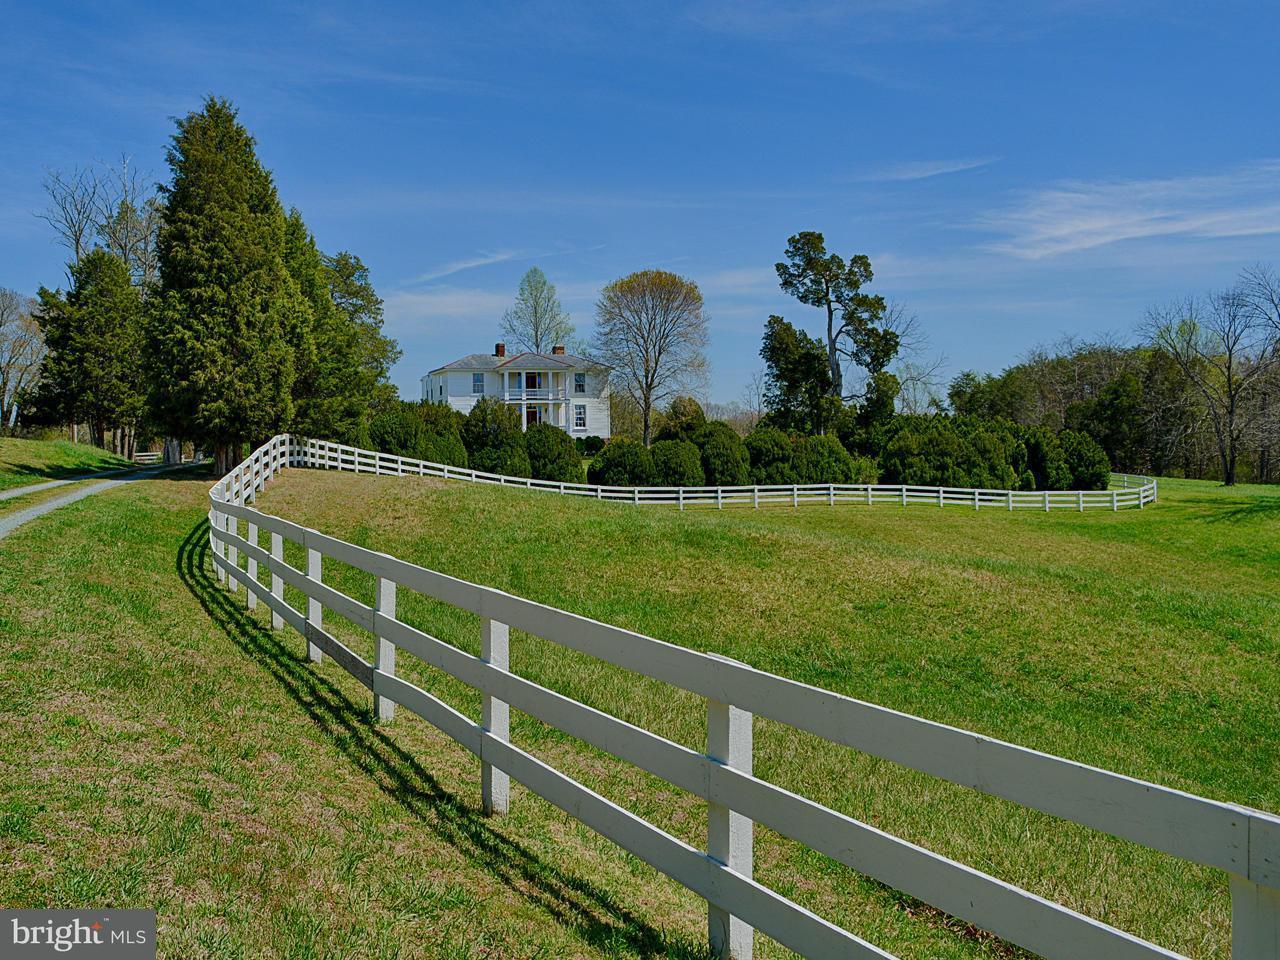 农场 为 销售 在 1034 Red Bank Lane 1034 Red Bank Lane 福克尤尼, 弗吉尼亚州 23055 美国